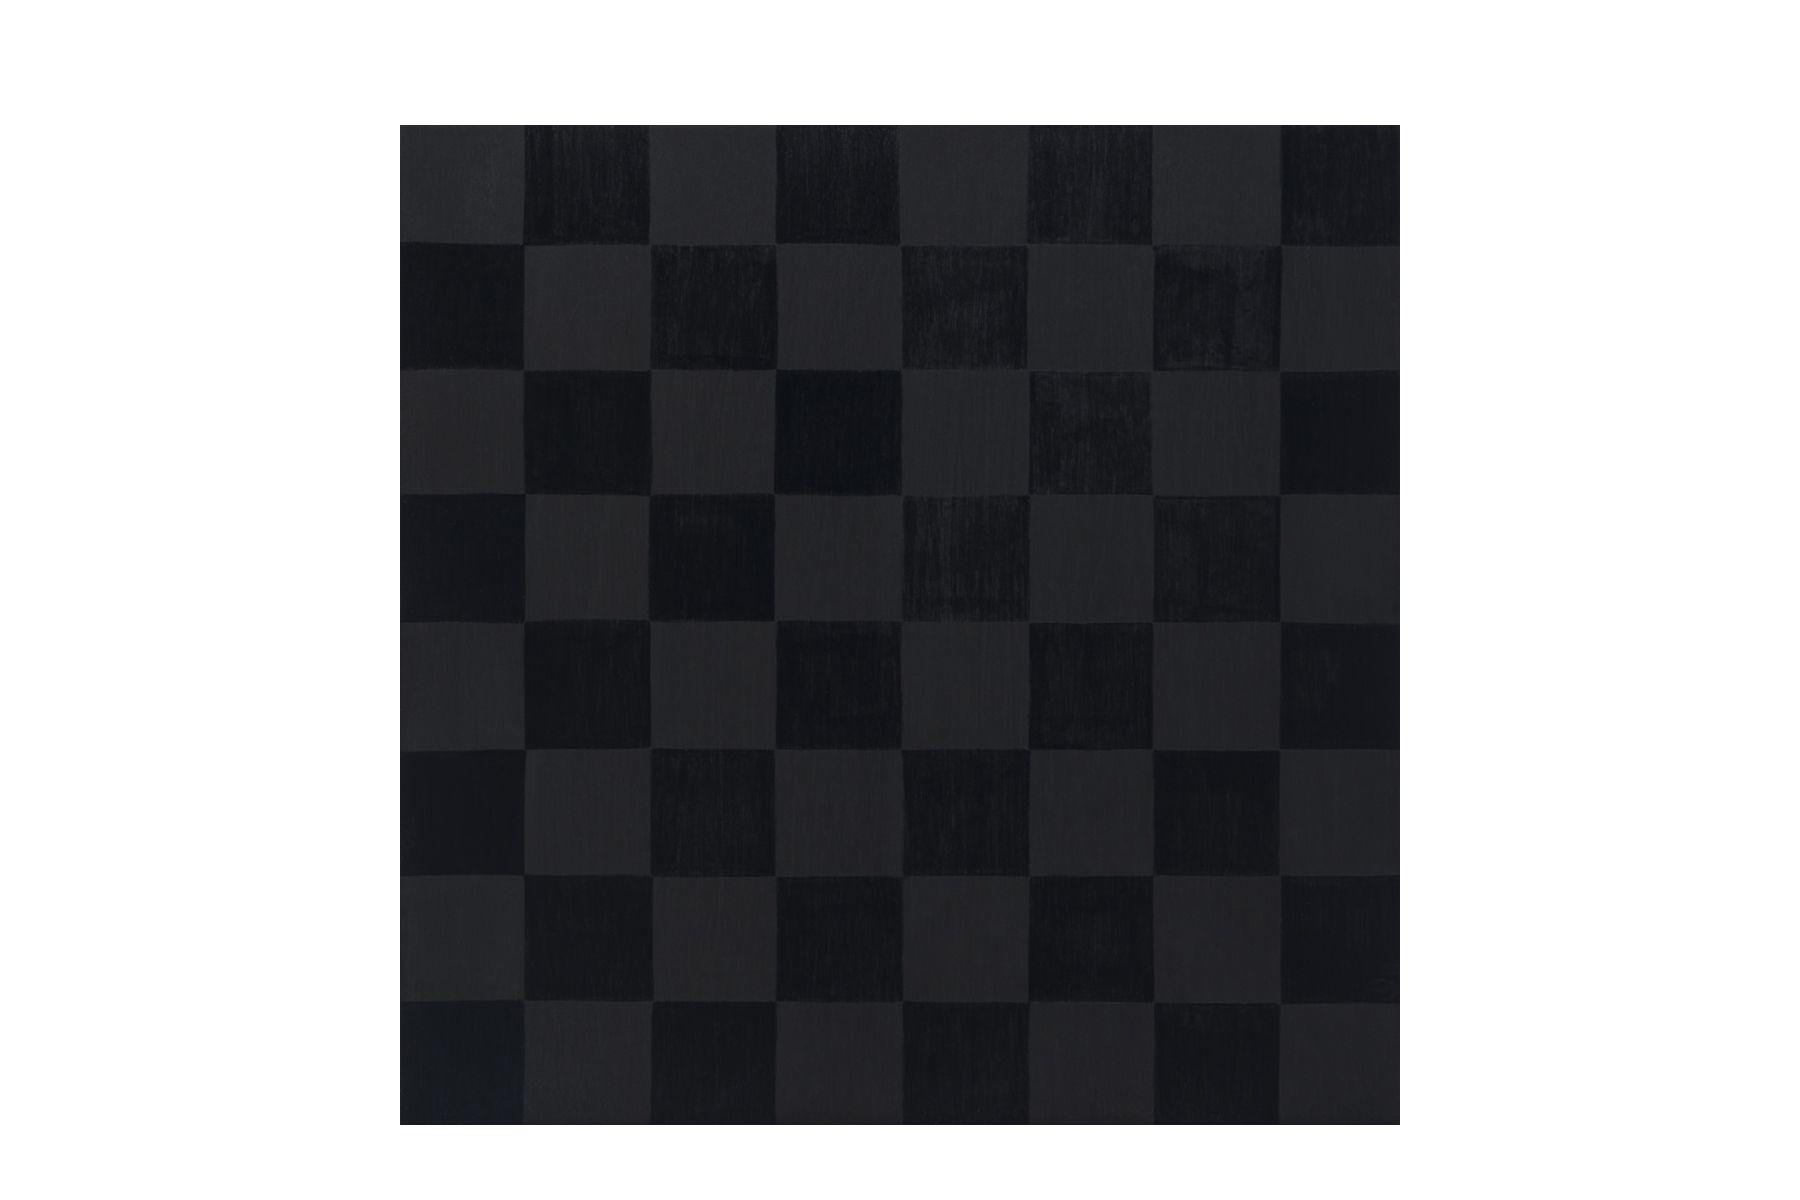 Checkerboard 3.15.2